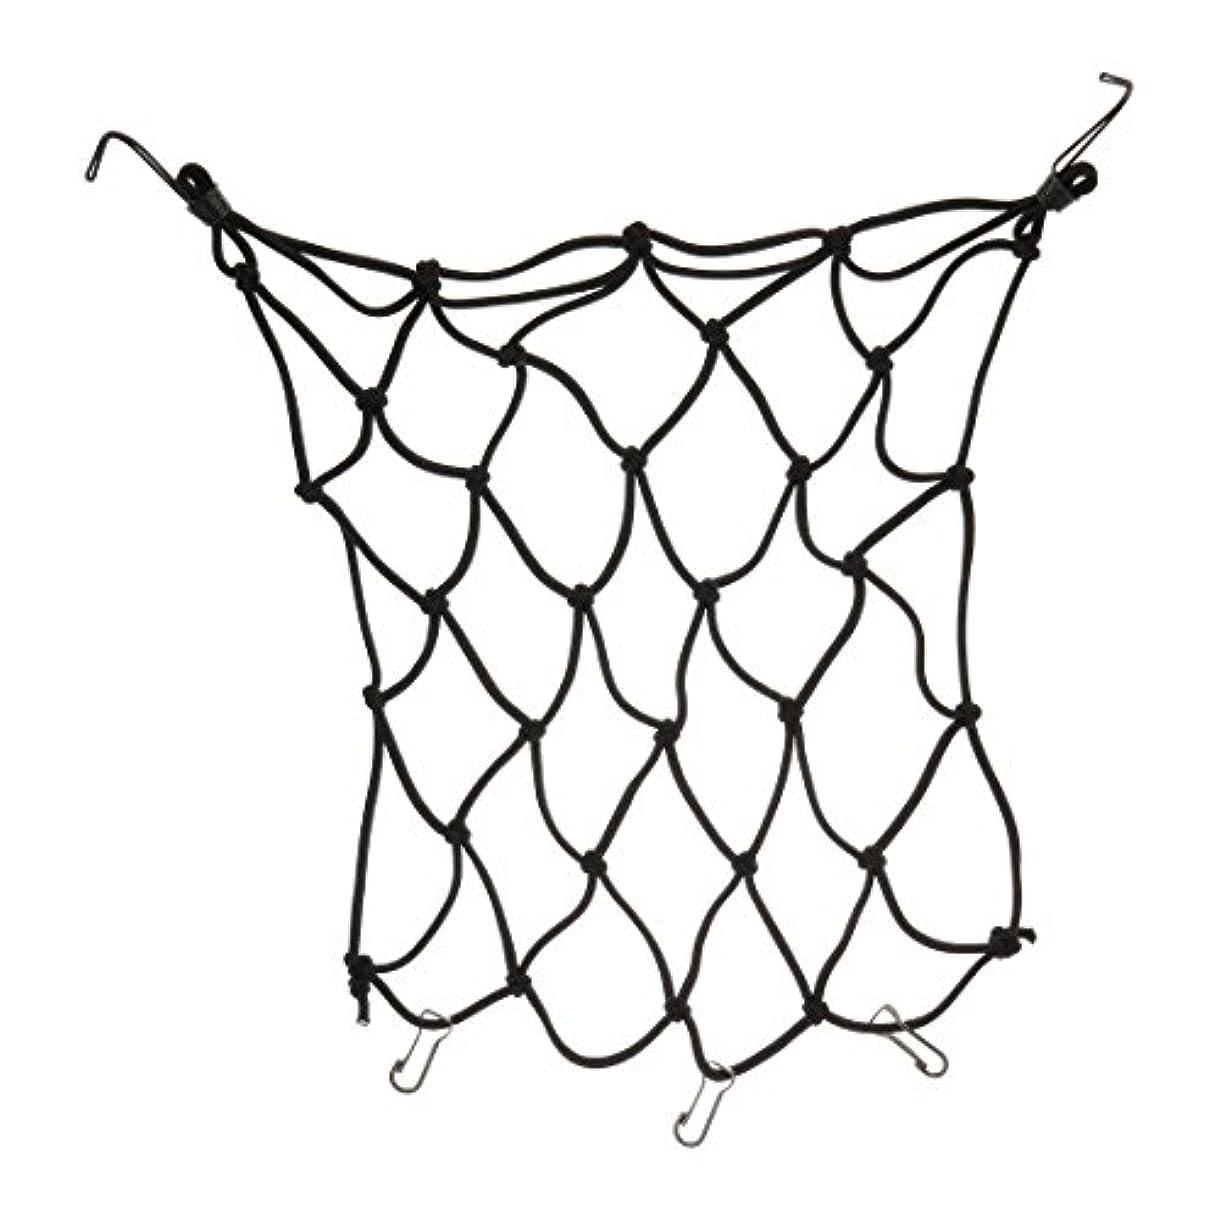 ウェイド画面アヒルNANGOKU(なんごく) ひったくり防止ネット 後 ブラック